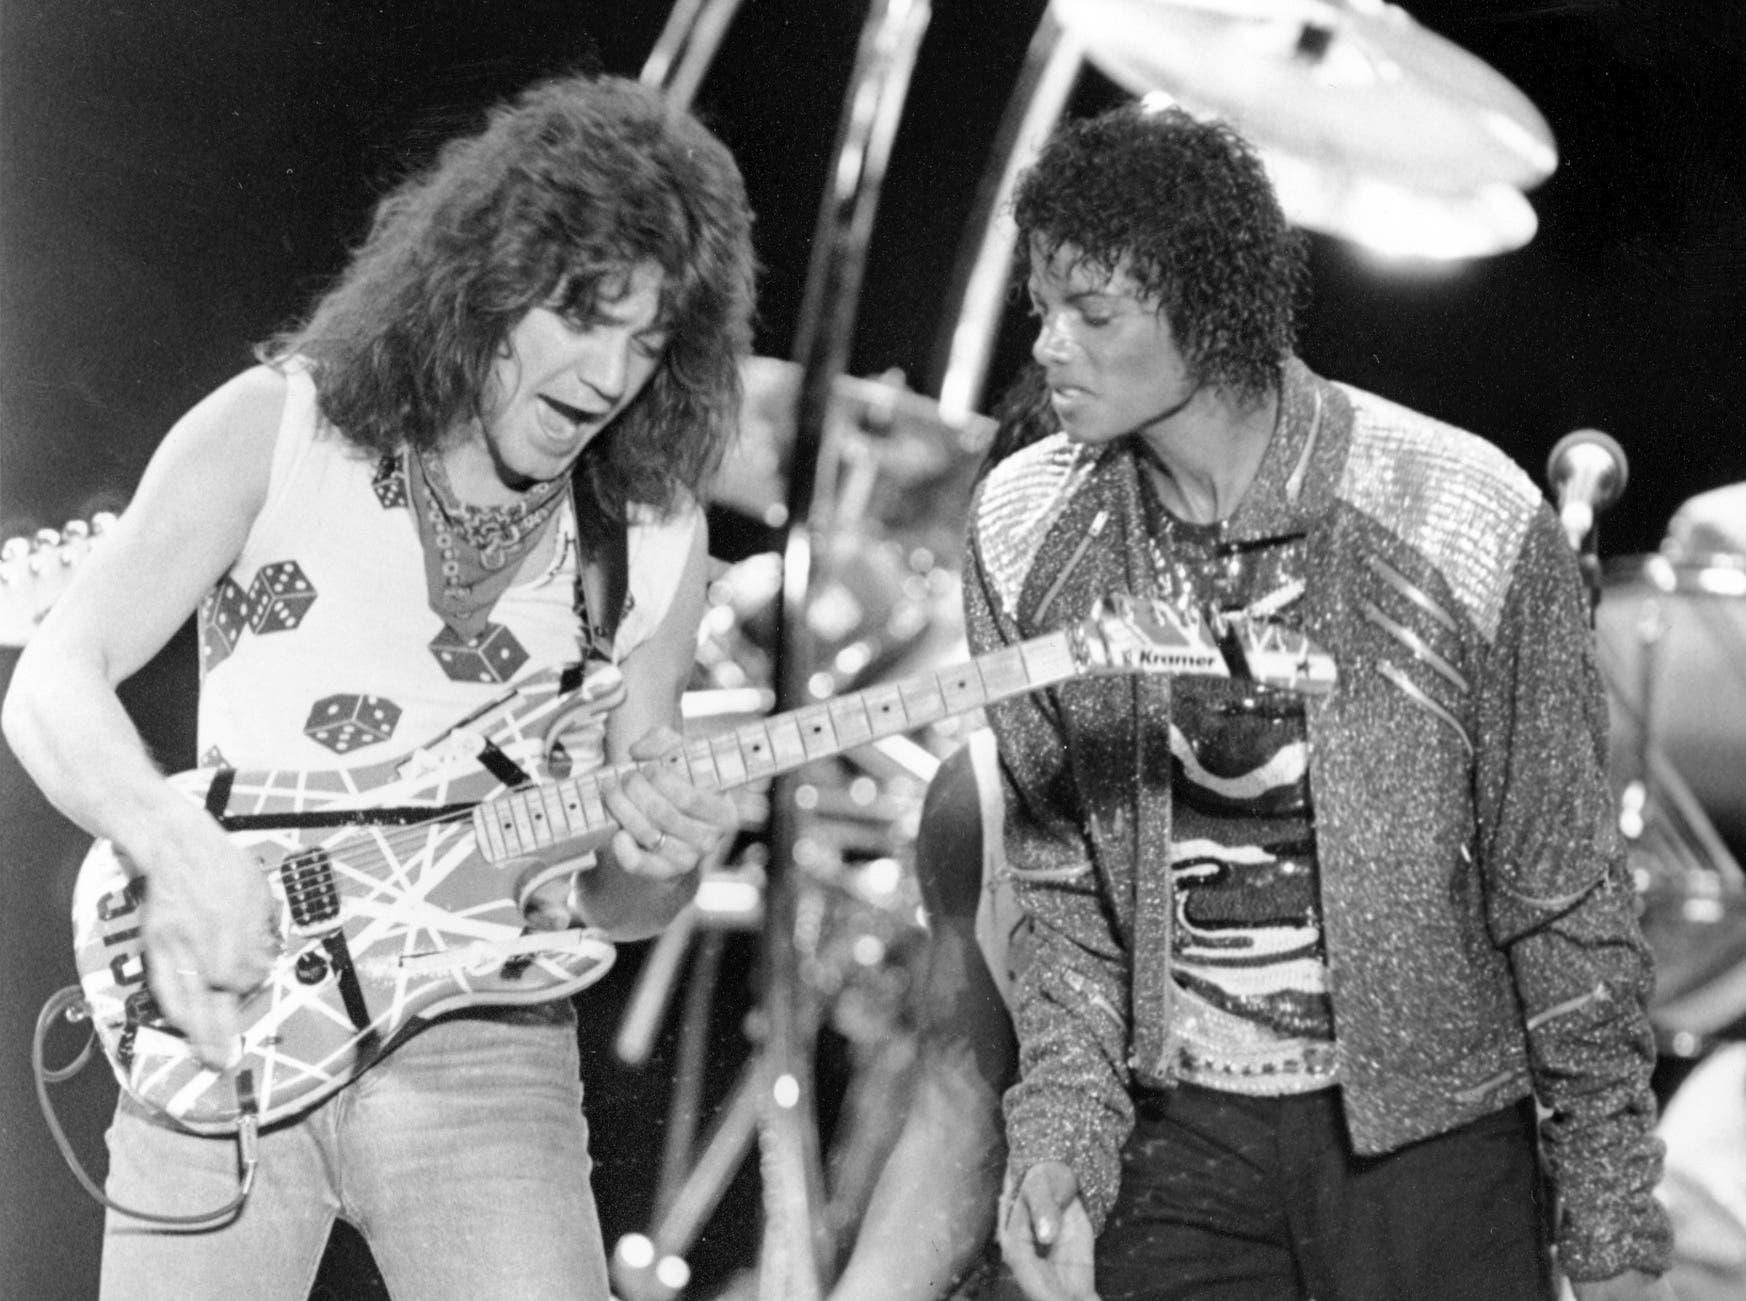 Van Halen-Leadgitarrist Eddie Van Halen performt den Song «Beat It» mit Michael Jackson auf dessen Victory-Tour. Eddie Van Halen arbeite auch für andere Musiker, was zum Streit mit Sänger David Lee Roth führte, der die Band Mitte der Achtziger verließ.